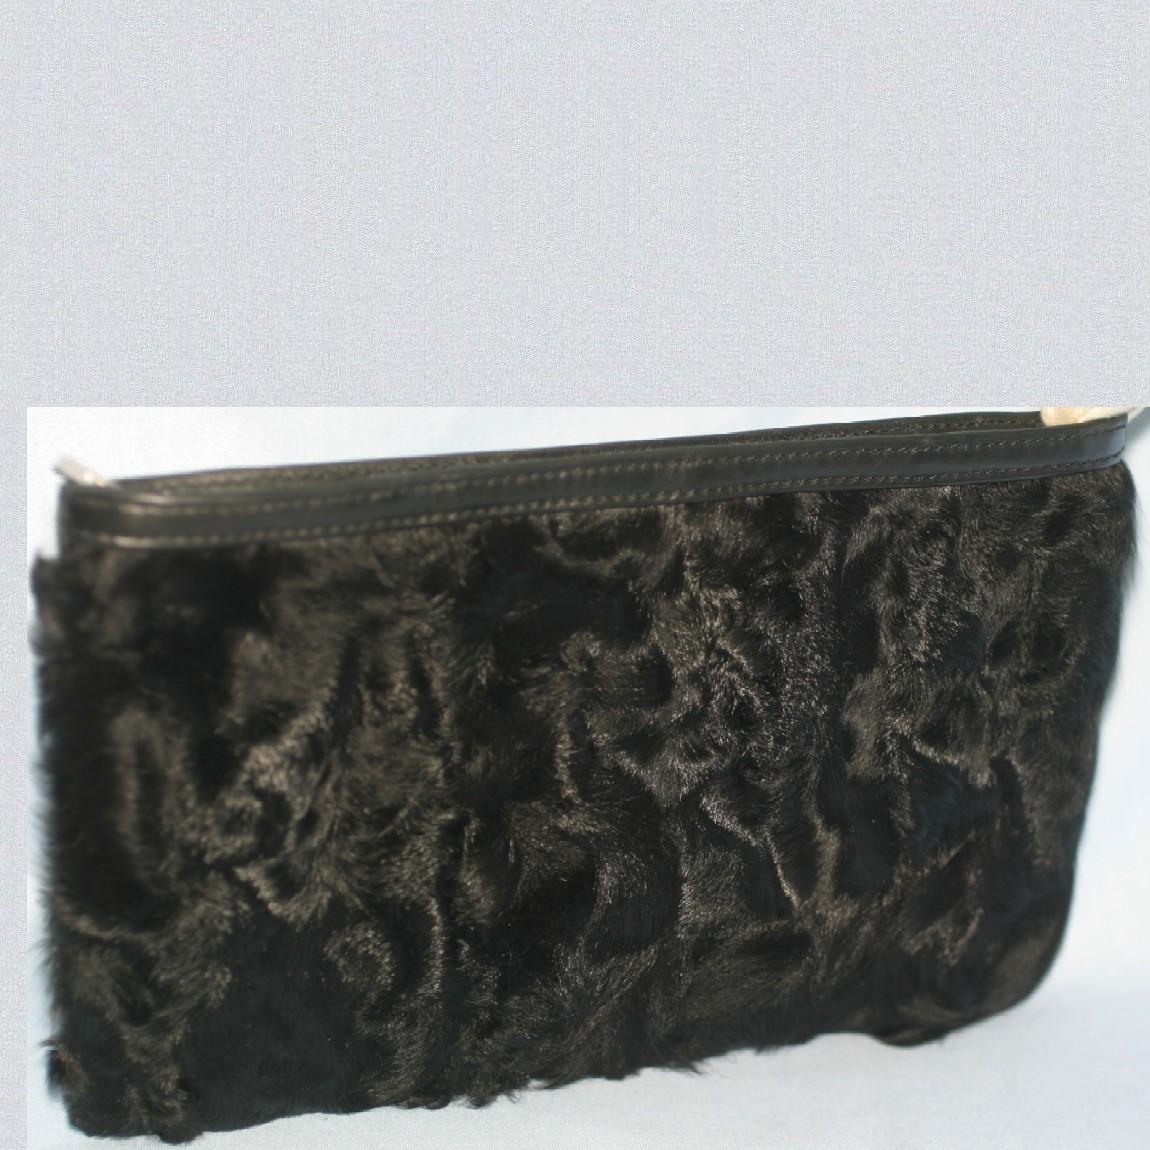 【中古】本物新品同様ロエベ女性用24x16,5センチ黒兎毛x柔らかい革フラットポーチ